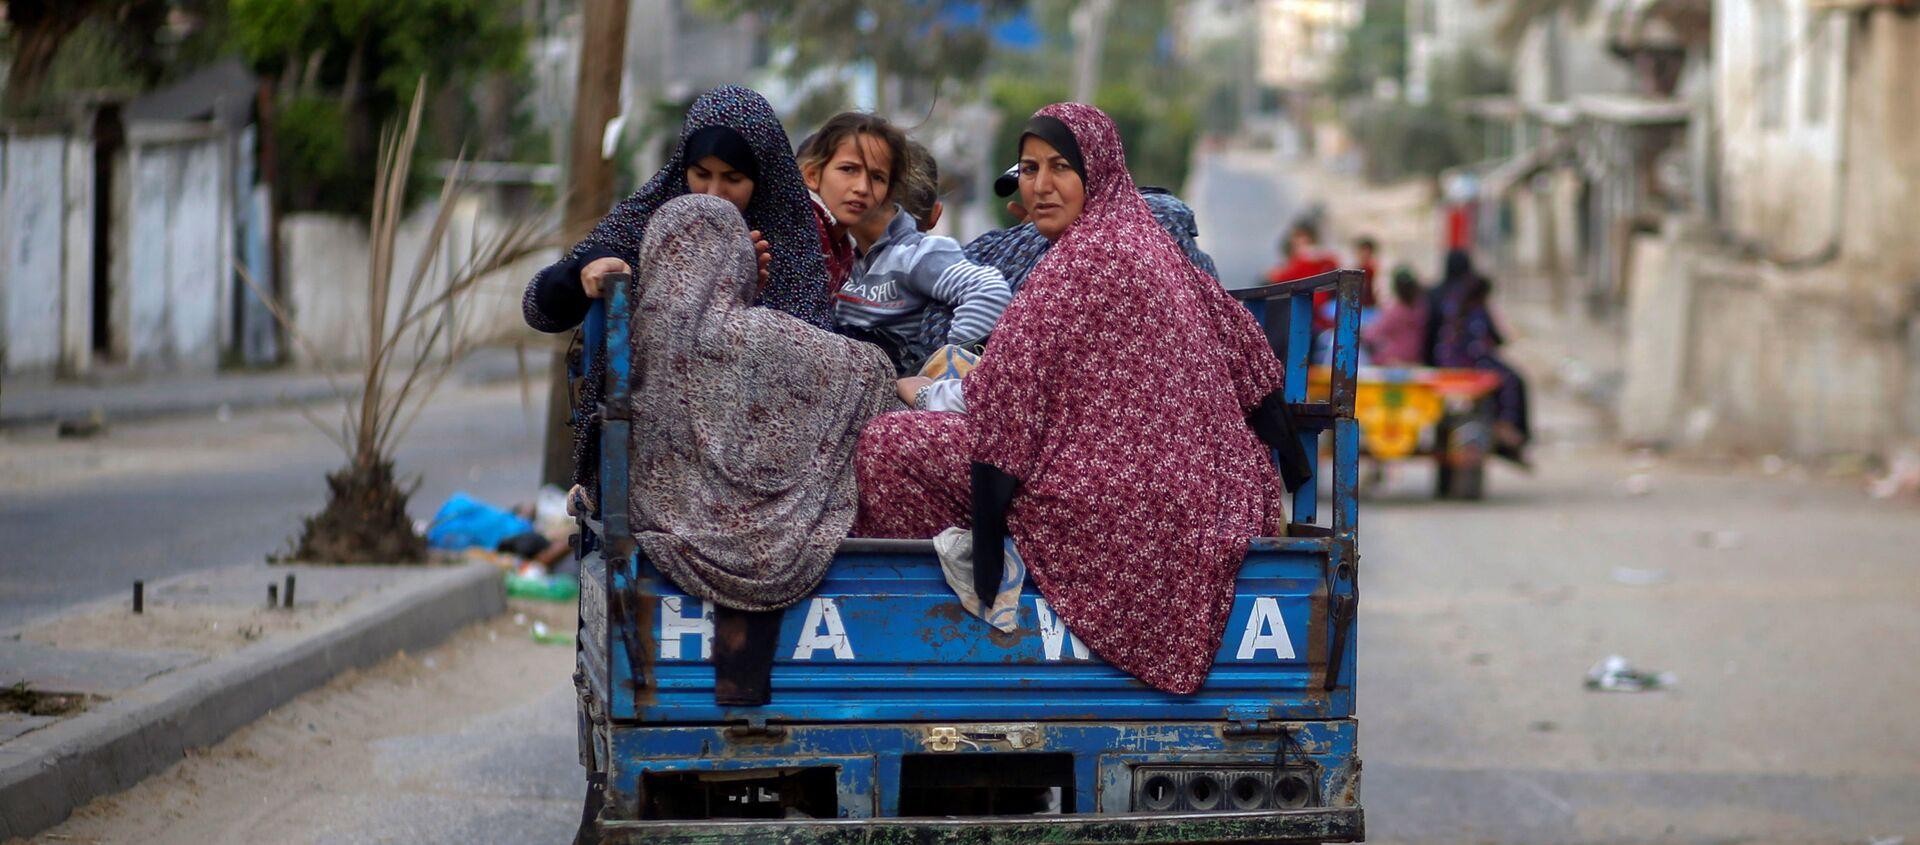 Người Palestine trên xe kéo ô tô chạy khỏi nhà của họ trong các cuộc không kích và pháo binh của Israel - Sputnik Việt Nam, 1920, 16.05.2021